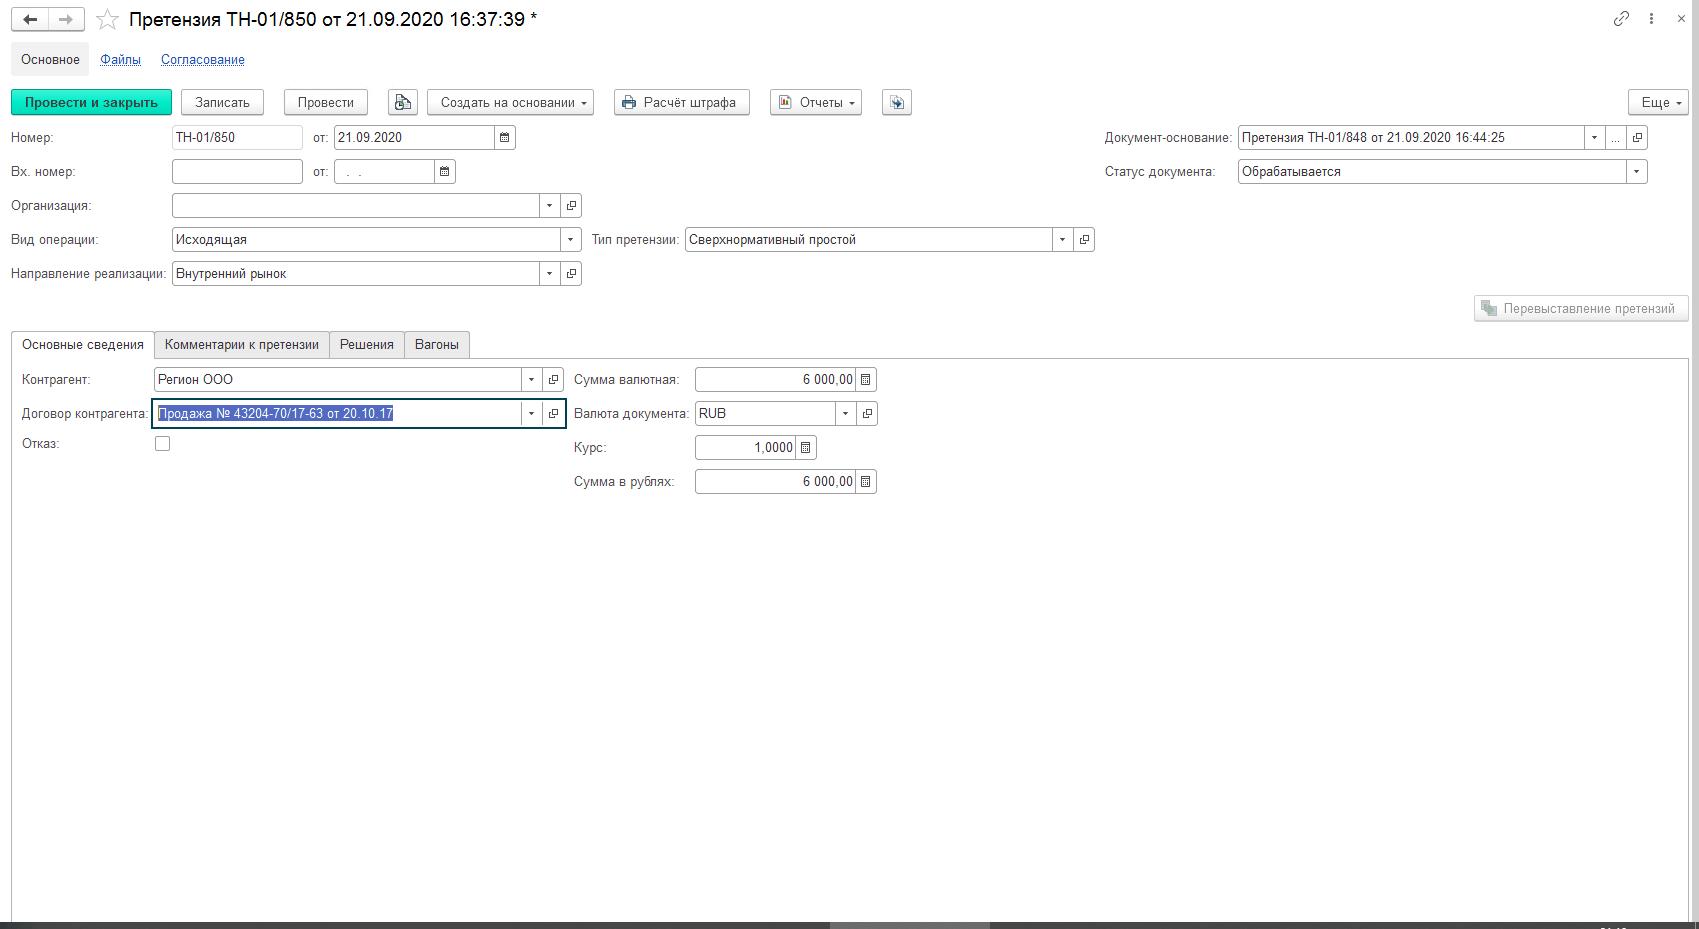 Сформированный документ Претензии в 1С 8 Документооборот